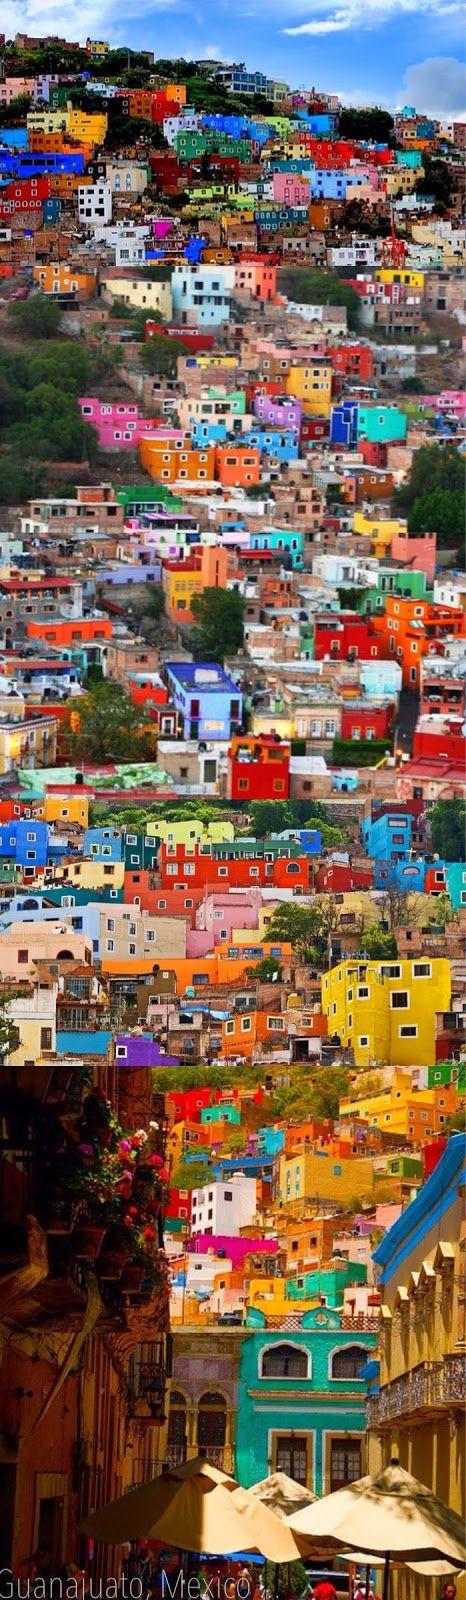 Allí son muchos los edificios. Son de Guanajuato, Mexico. Los edificios tengo…